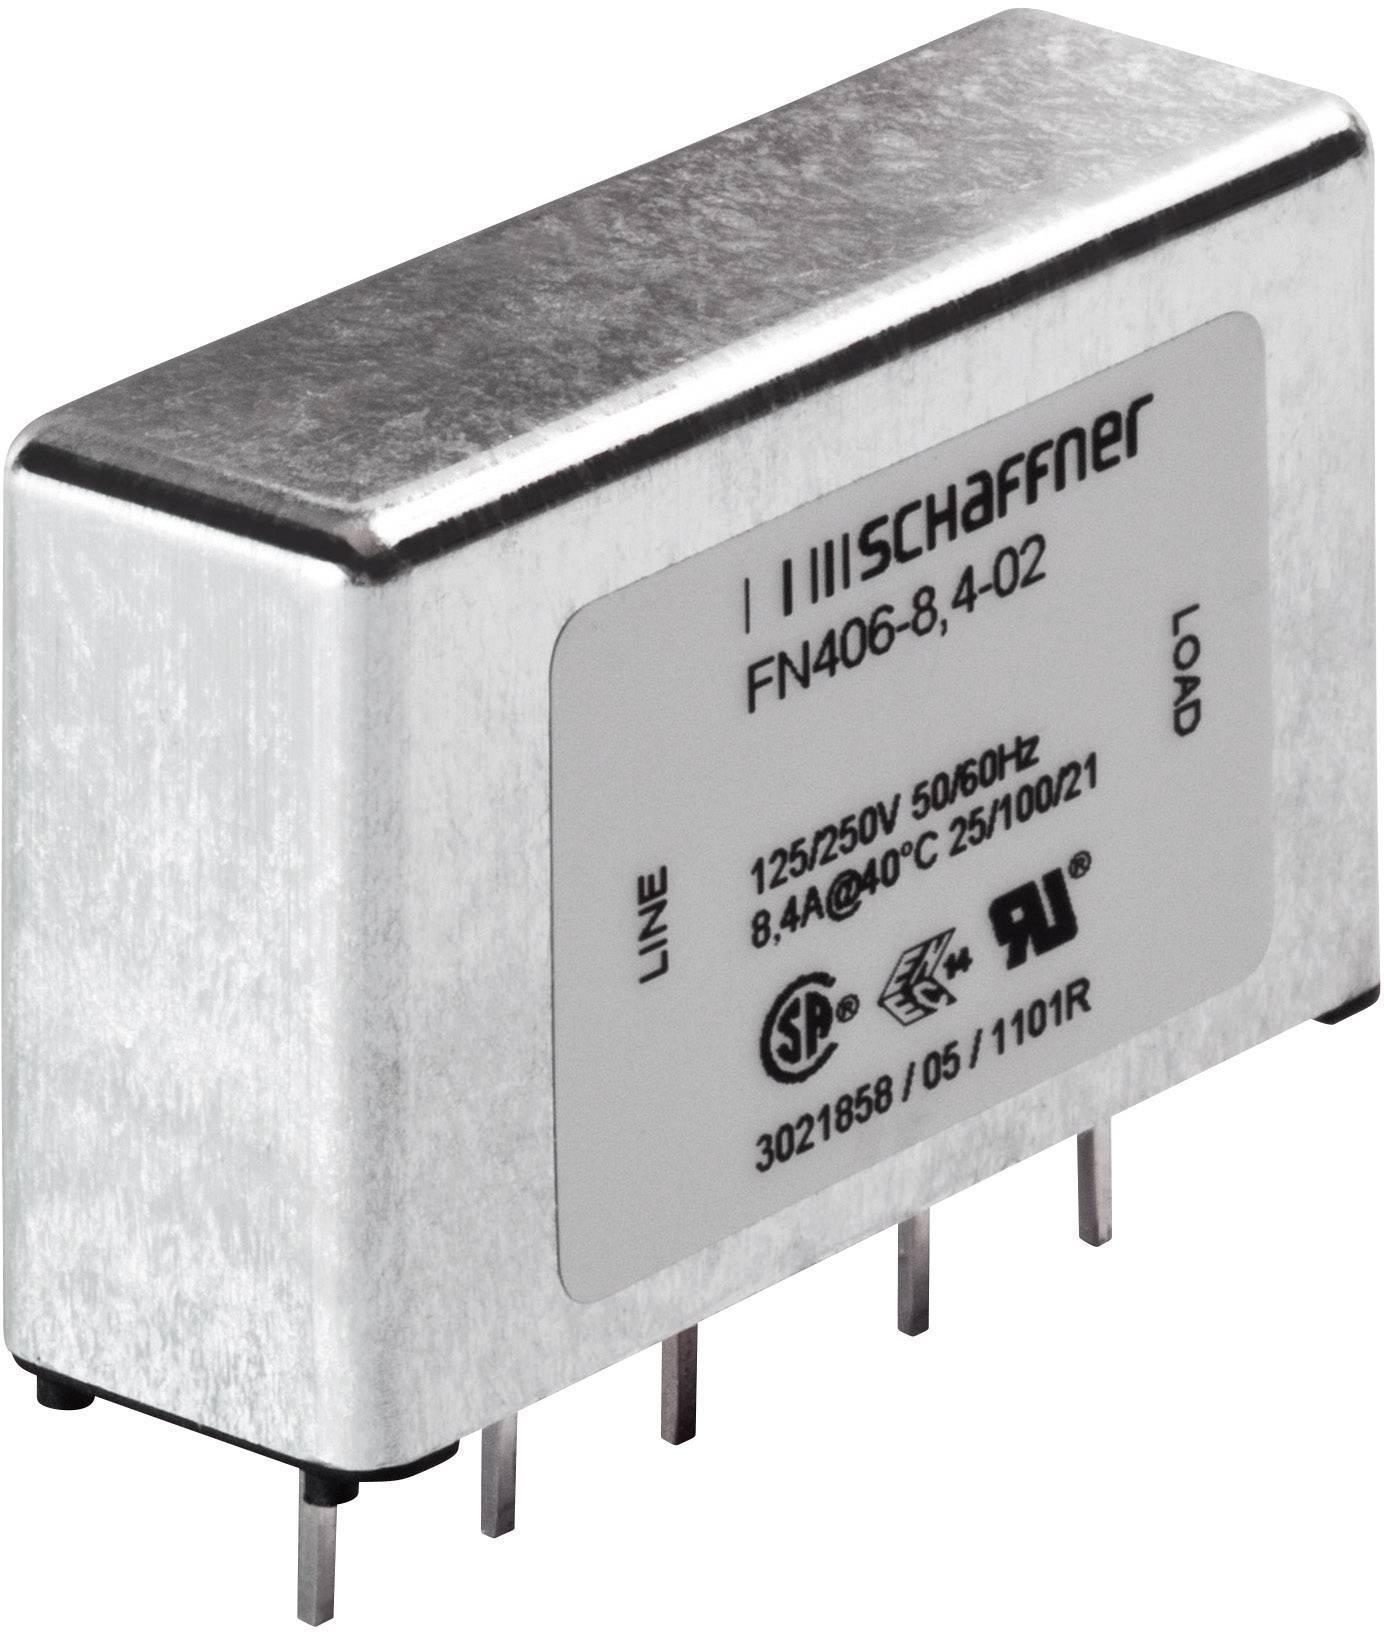 Síťový filtr do DPS Schaffner, FN 406-0.5-02, 24 mH, 250 V/AC, 0,5 A